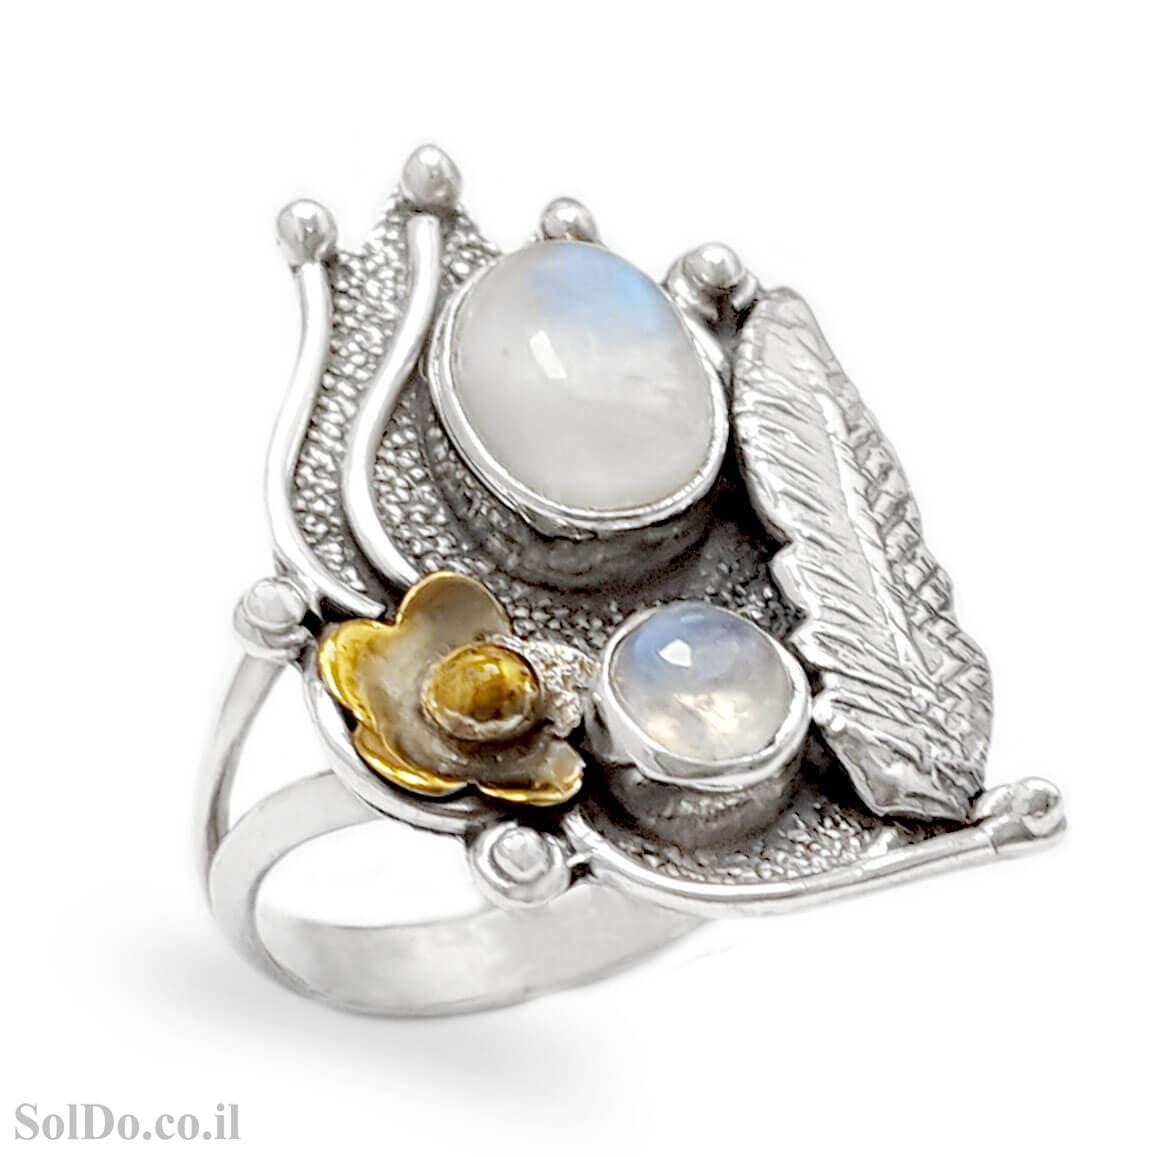 טבעת מכסף מעוצבת משובצת אבן מונסטון ושילוב ציפוי נחושת RG6119 | תכשיטי כסף 925 | טבעות כסף